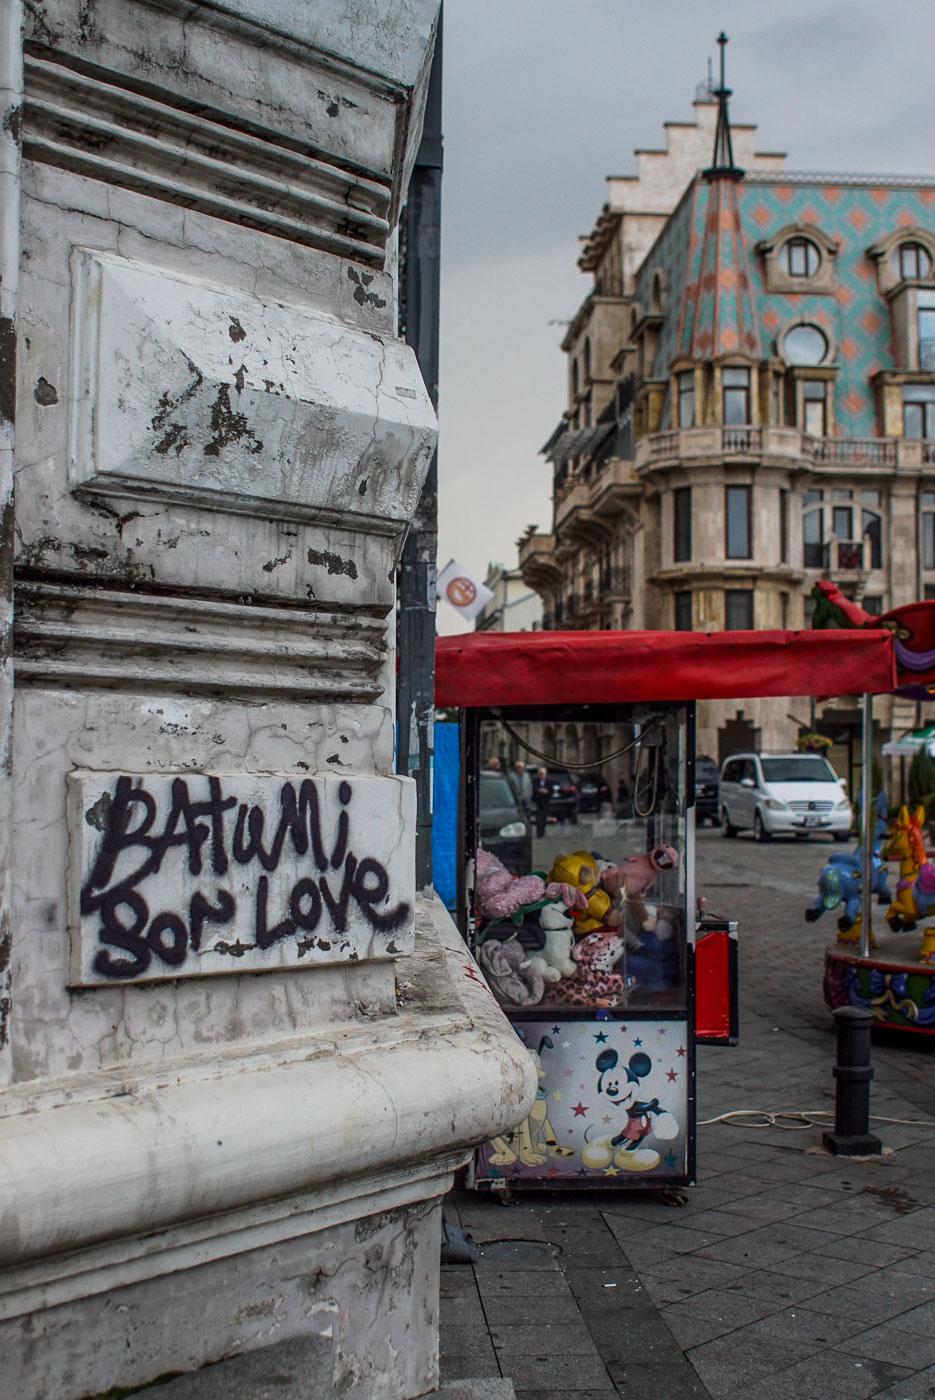 Von einer Ecke aus ist wieder der Blick auf das Gebäude zu sehen, an der Ecke selbst, ist ein Graffiti zu sehen wo draufsteht Batumi sor love.